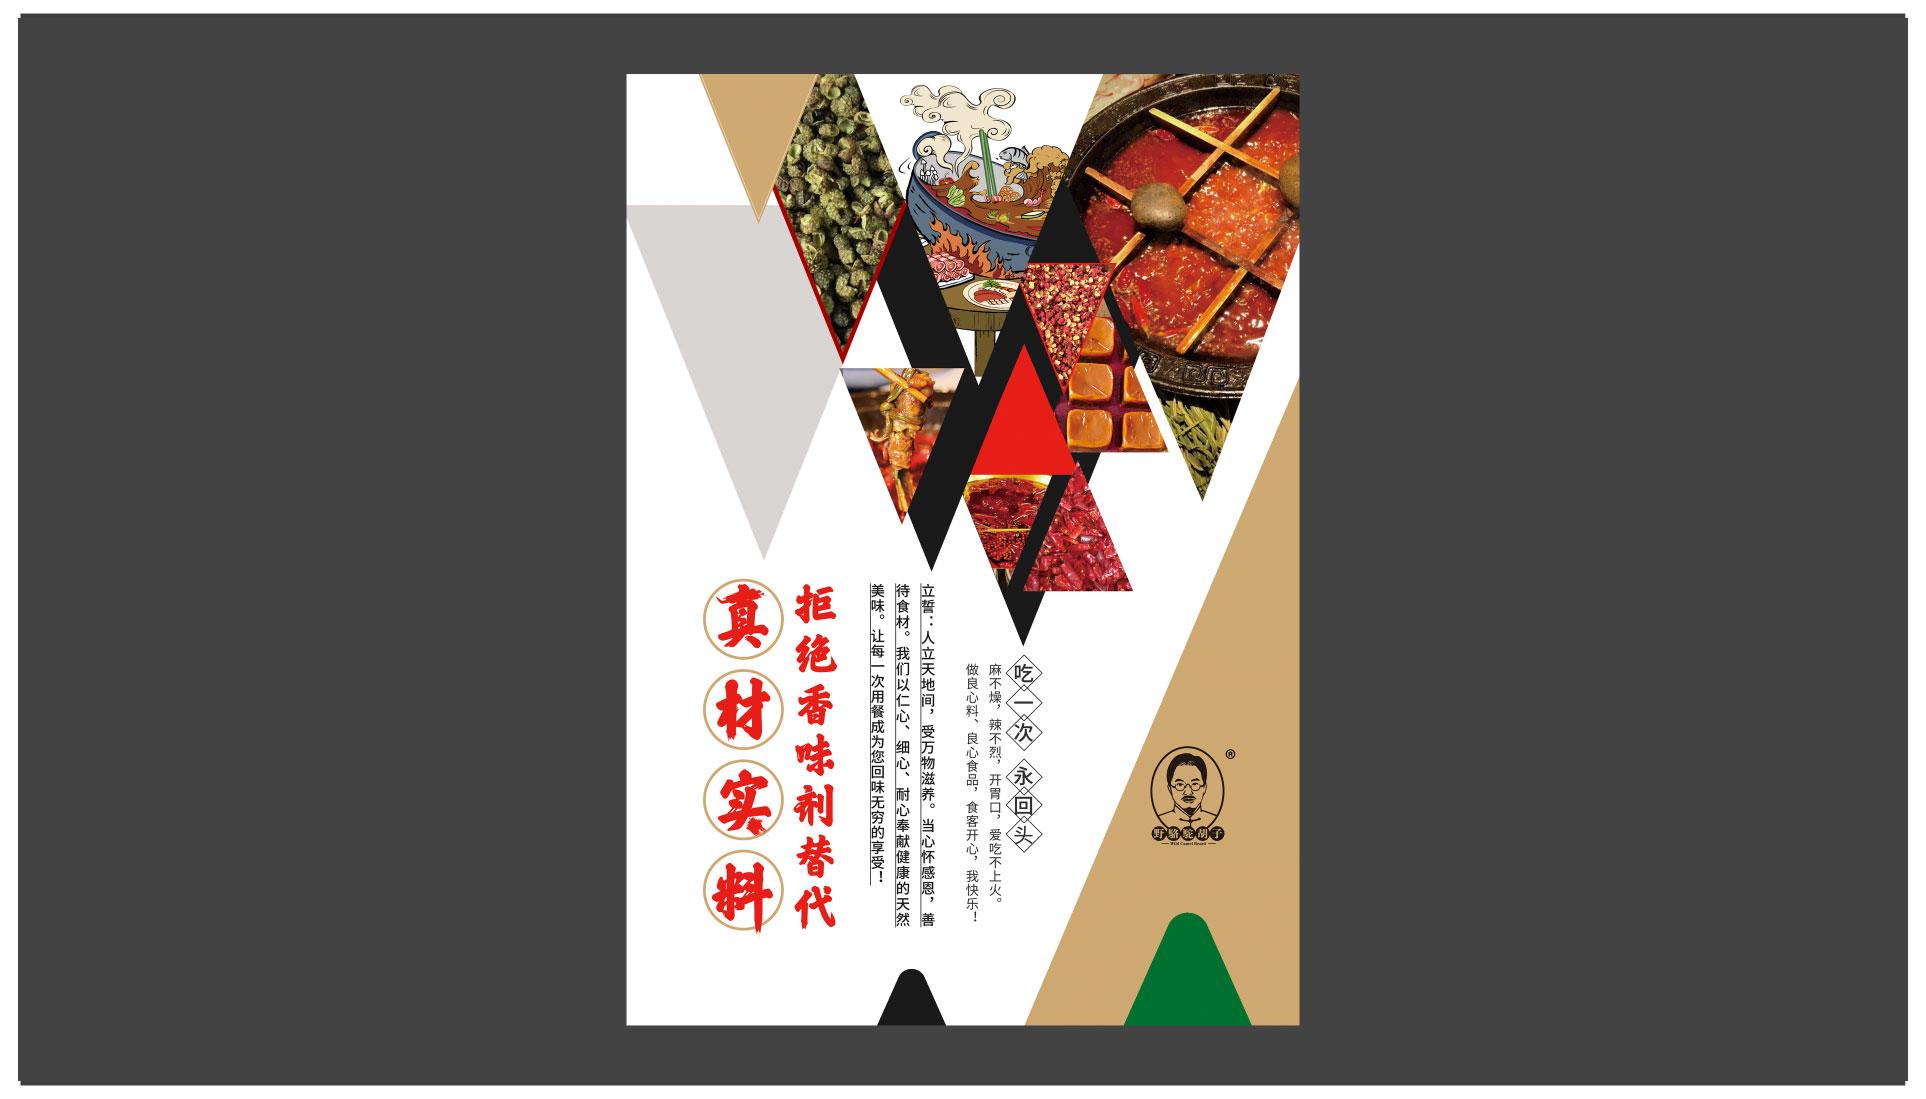 野胡子骆驼食品海报设计